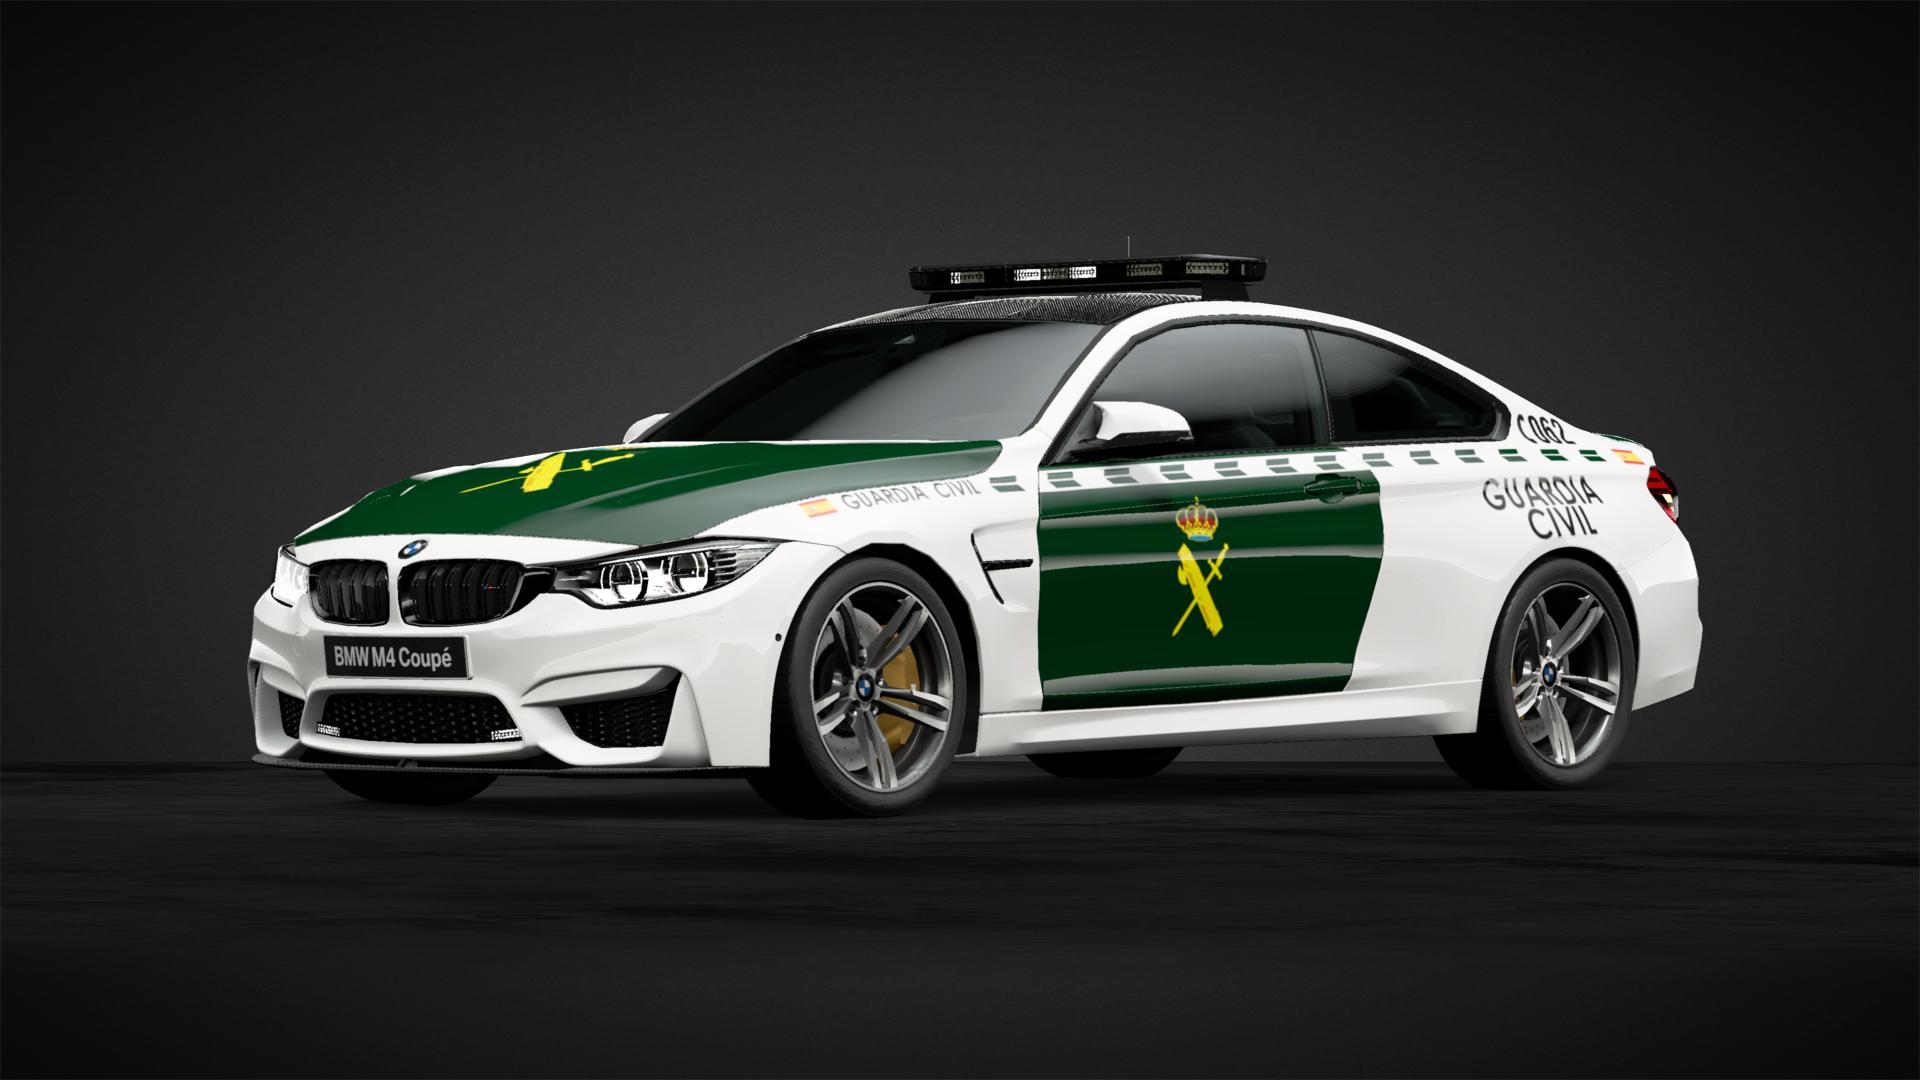 La Guardia Civil se subirá en los BMW de MotoGP